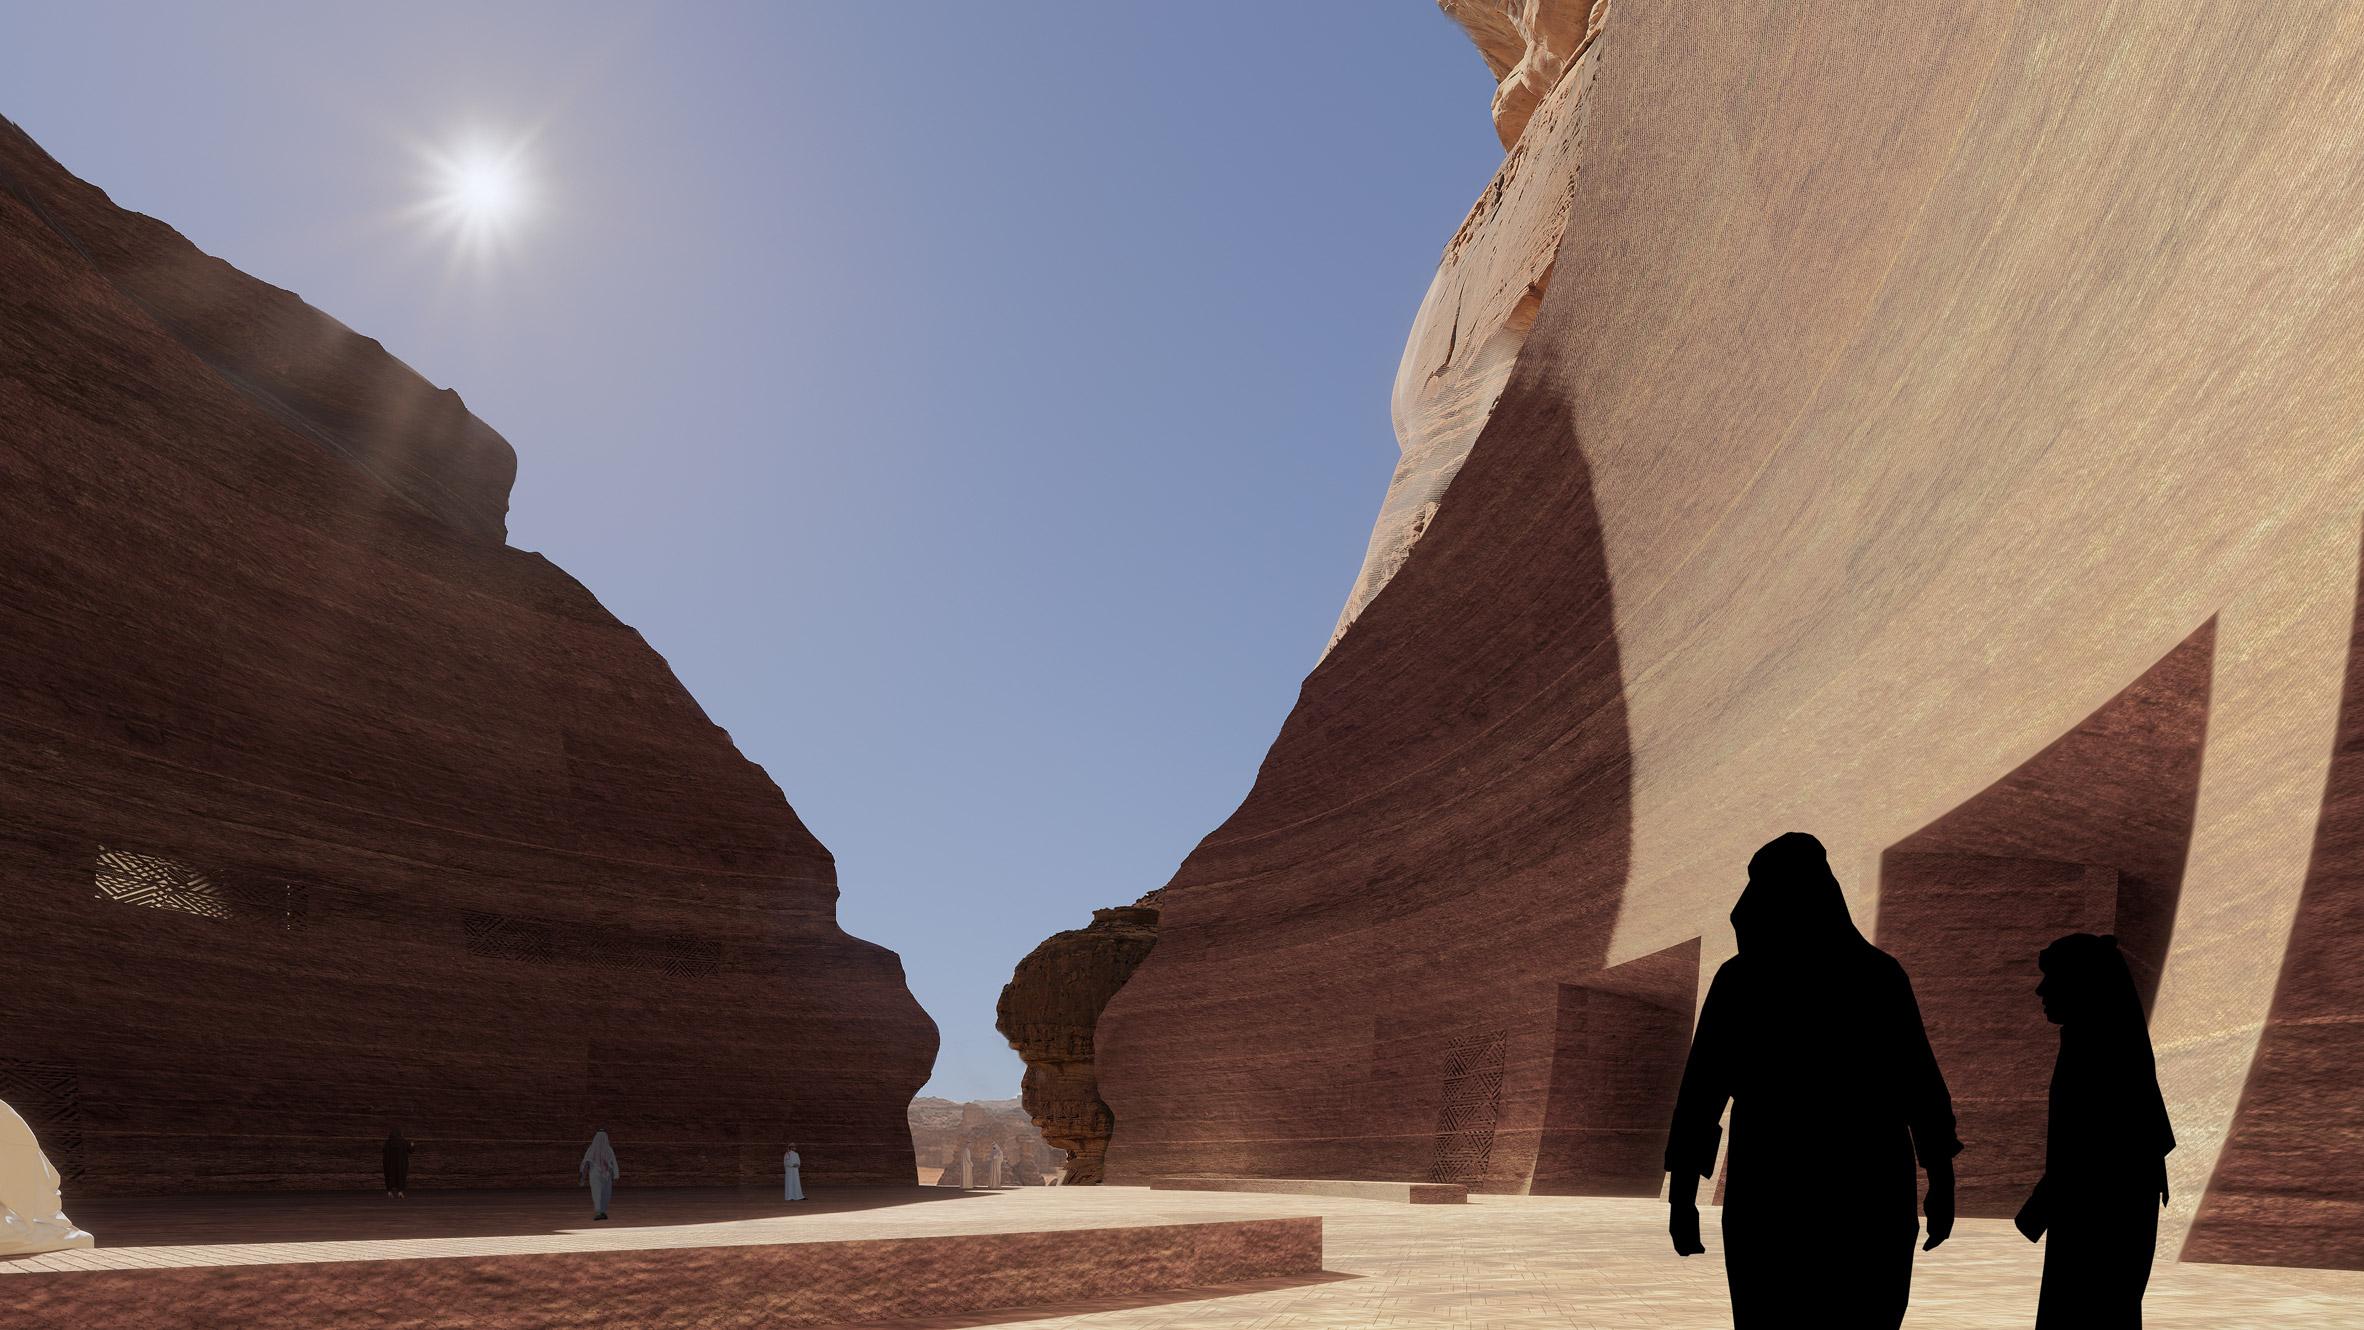 Cave hotel in Saudi Arabia's AlUla desert